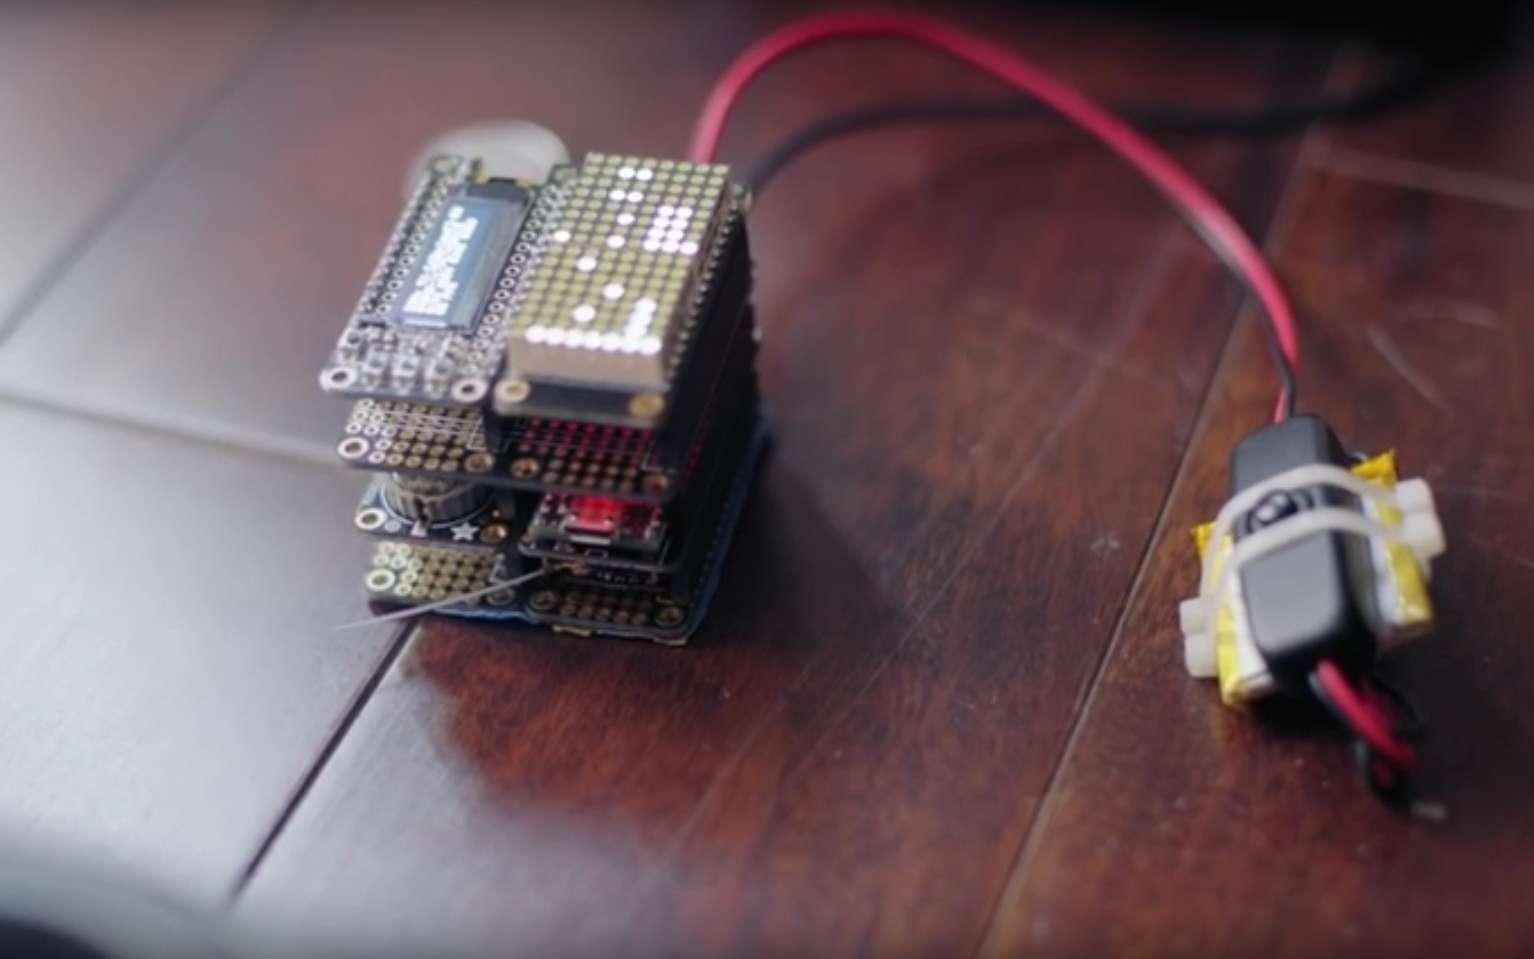 Le boitier Icarus est fabriqué à partir de composants électroniques courants. Il exploite une vulnérabilité dans le protocole radio DSMx qui est très répandu sur les jouets télécommandés et en particulier les drones. © Jonathan Andersson, Trend Micro